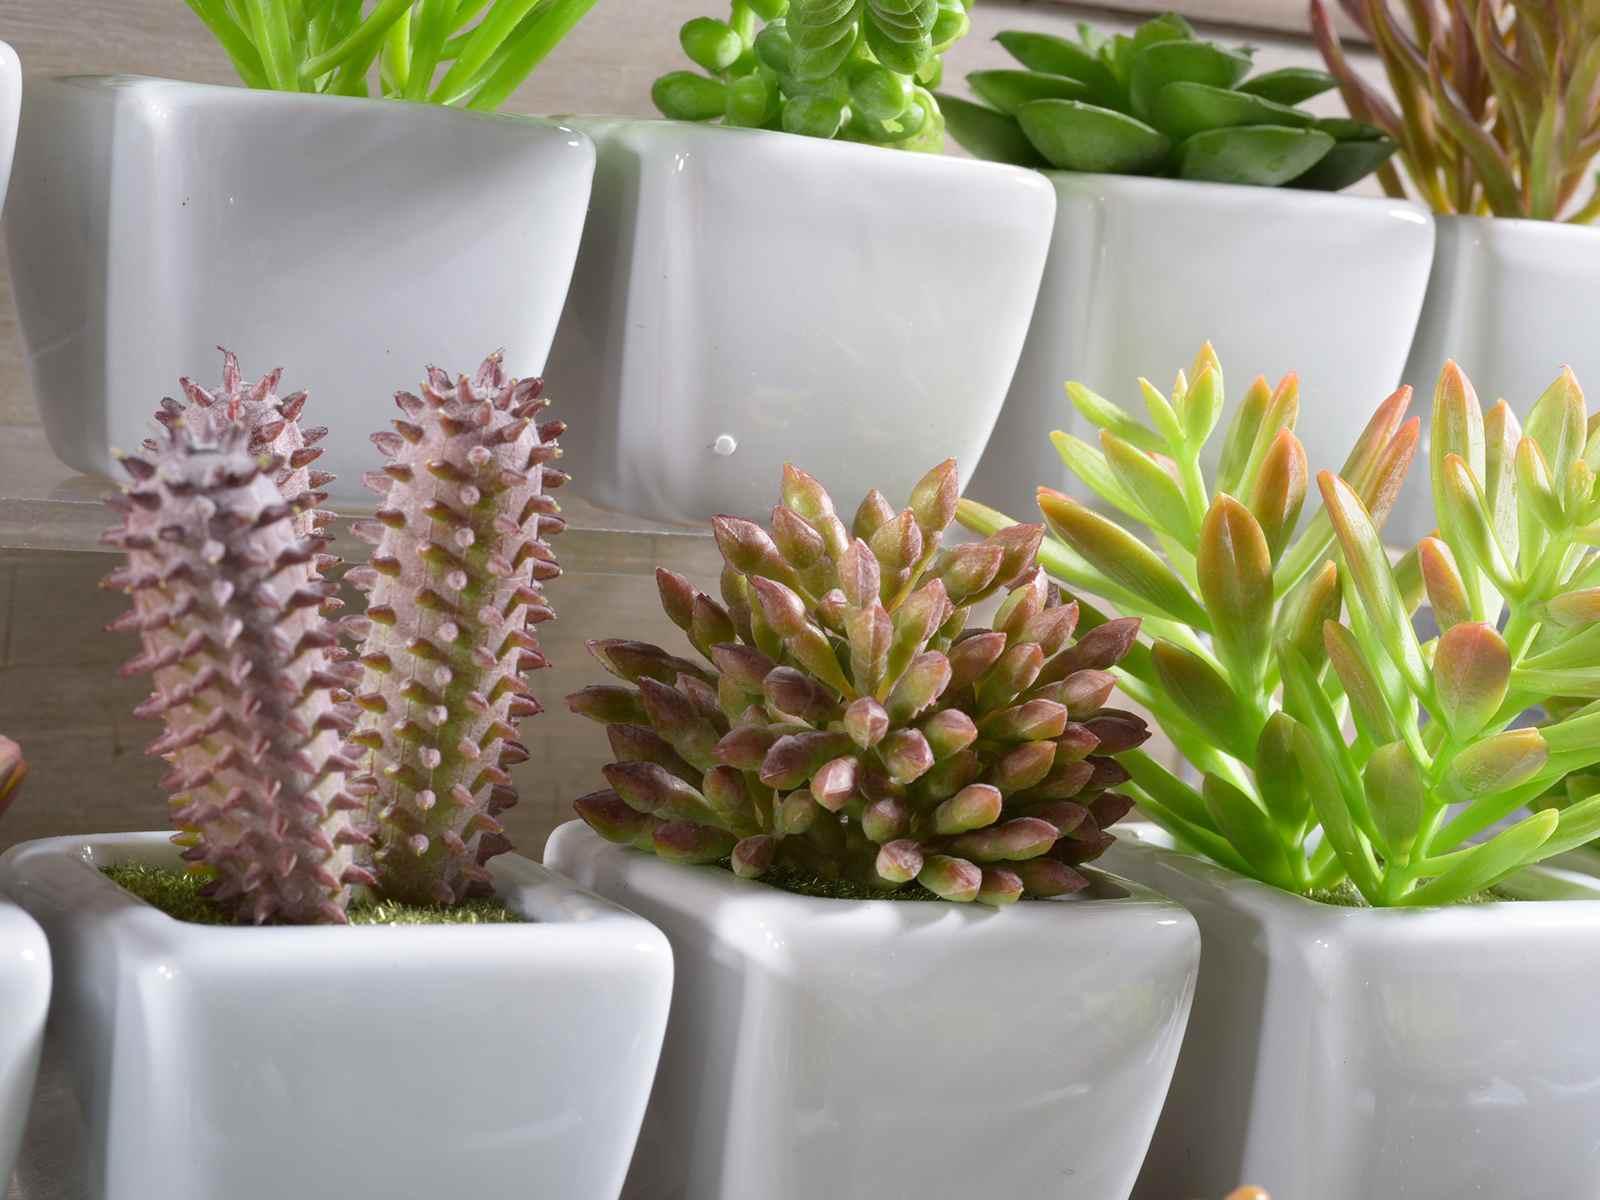 Afi eaz plante decorative suculente n ghiveci for Plante decorative